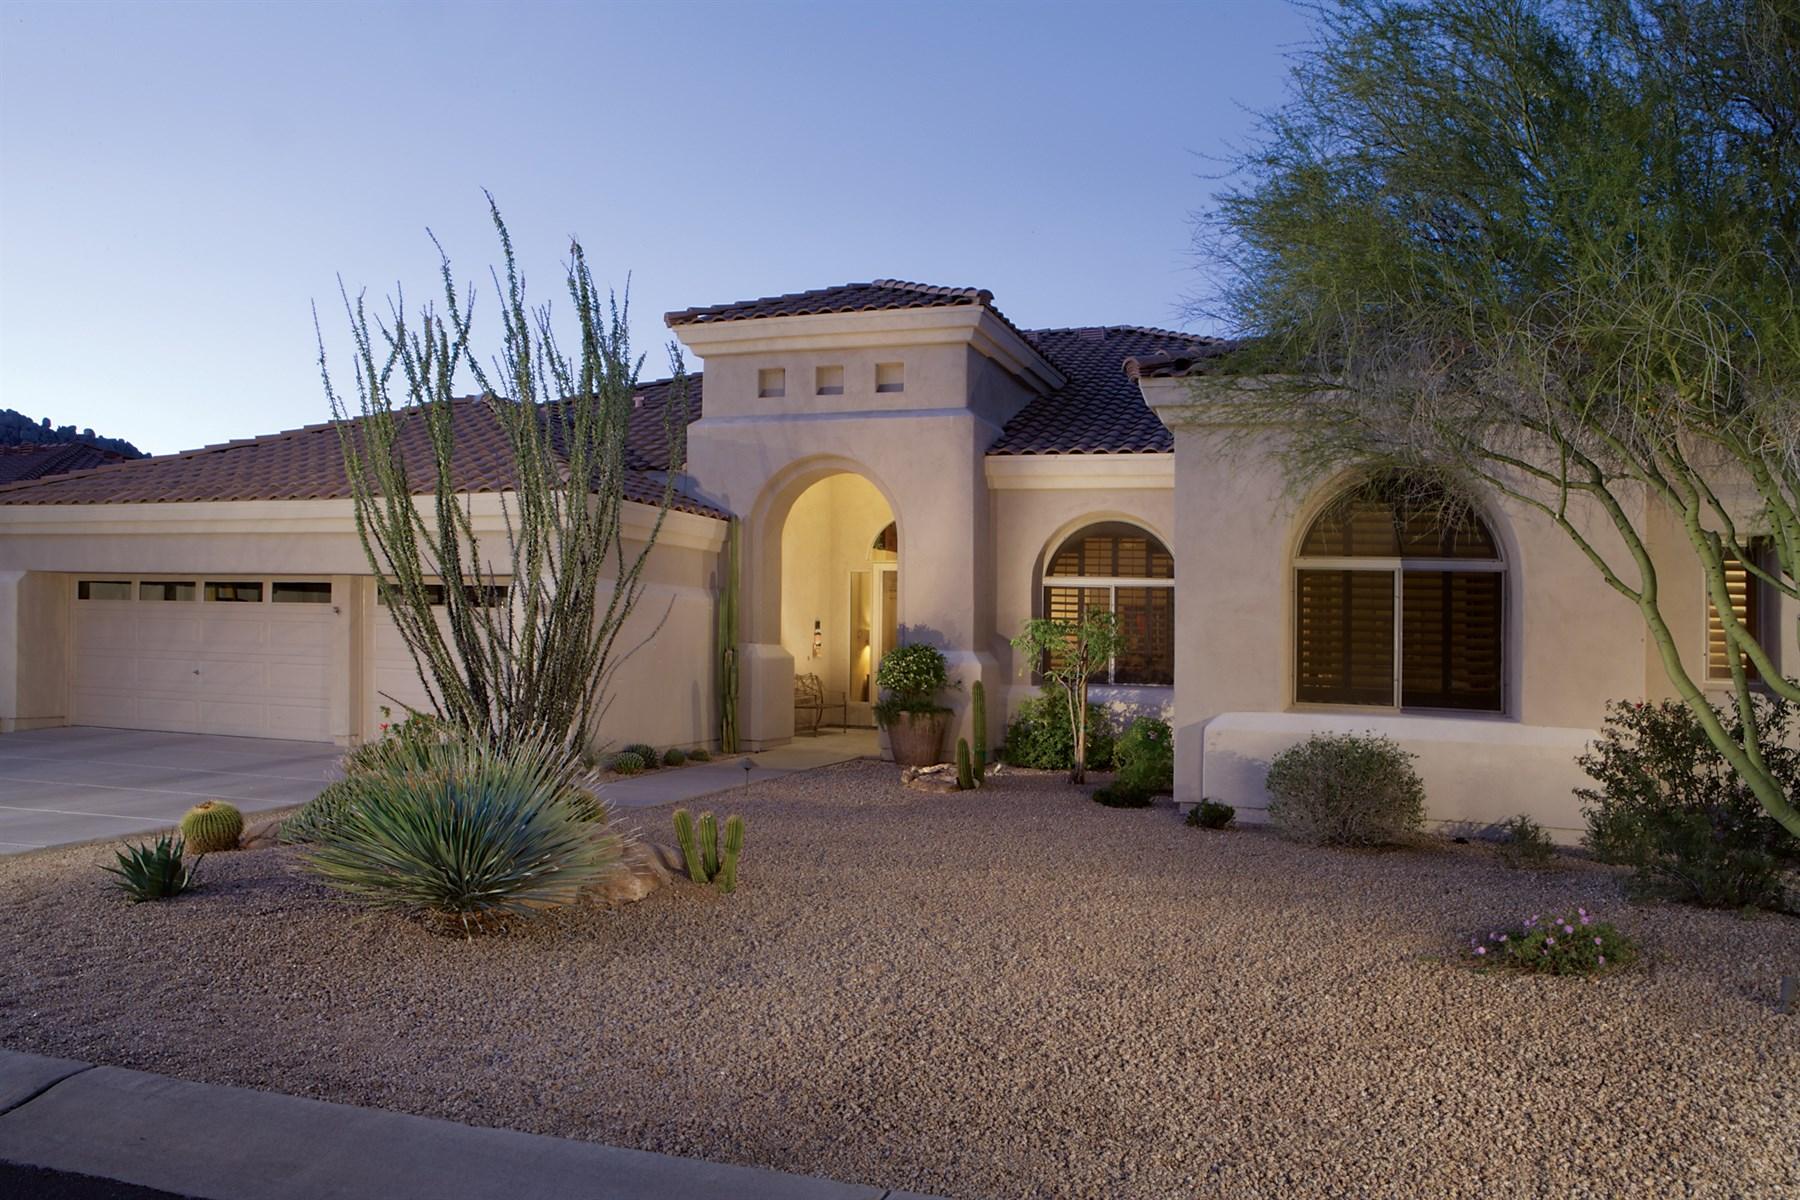 Casa Unifamiliar por un Venta en Wonderful Cul-De-Sac Location In North Scottsdale's Troon Village 11934 E Sand Hills Road Scottsdale, Arizona 85255 Estados Unidos